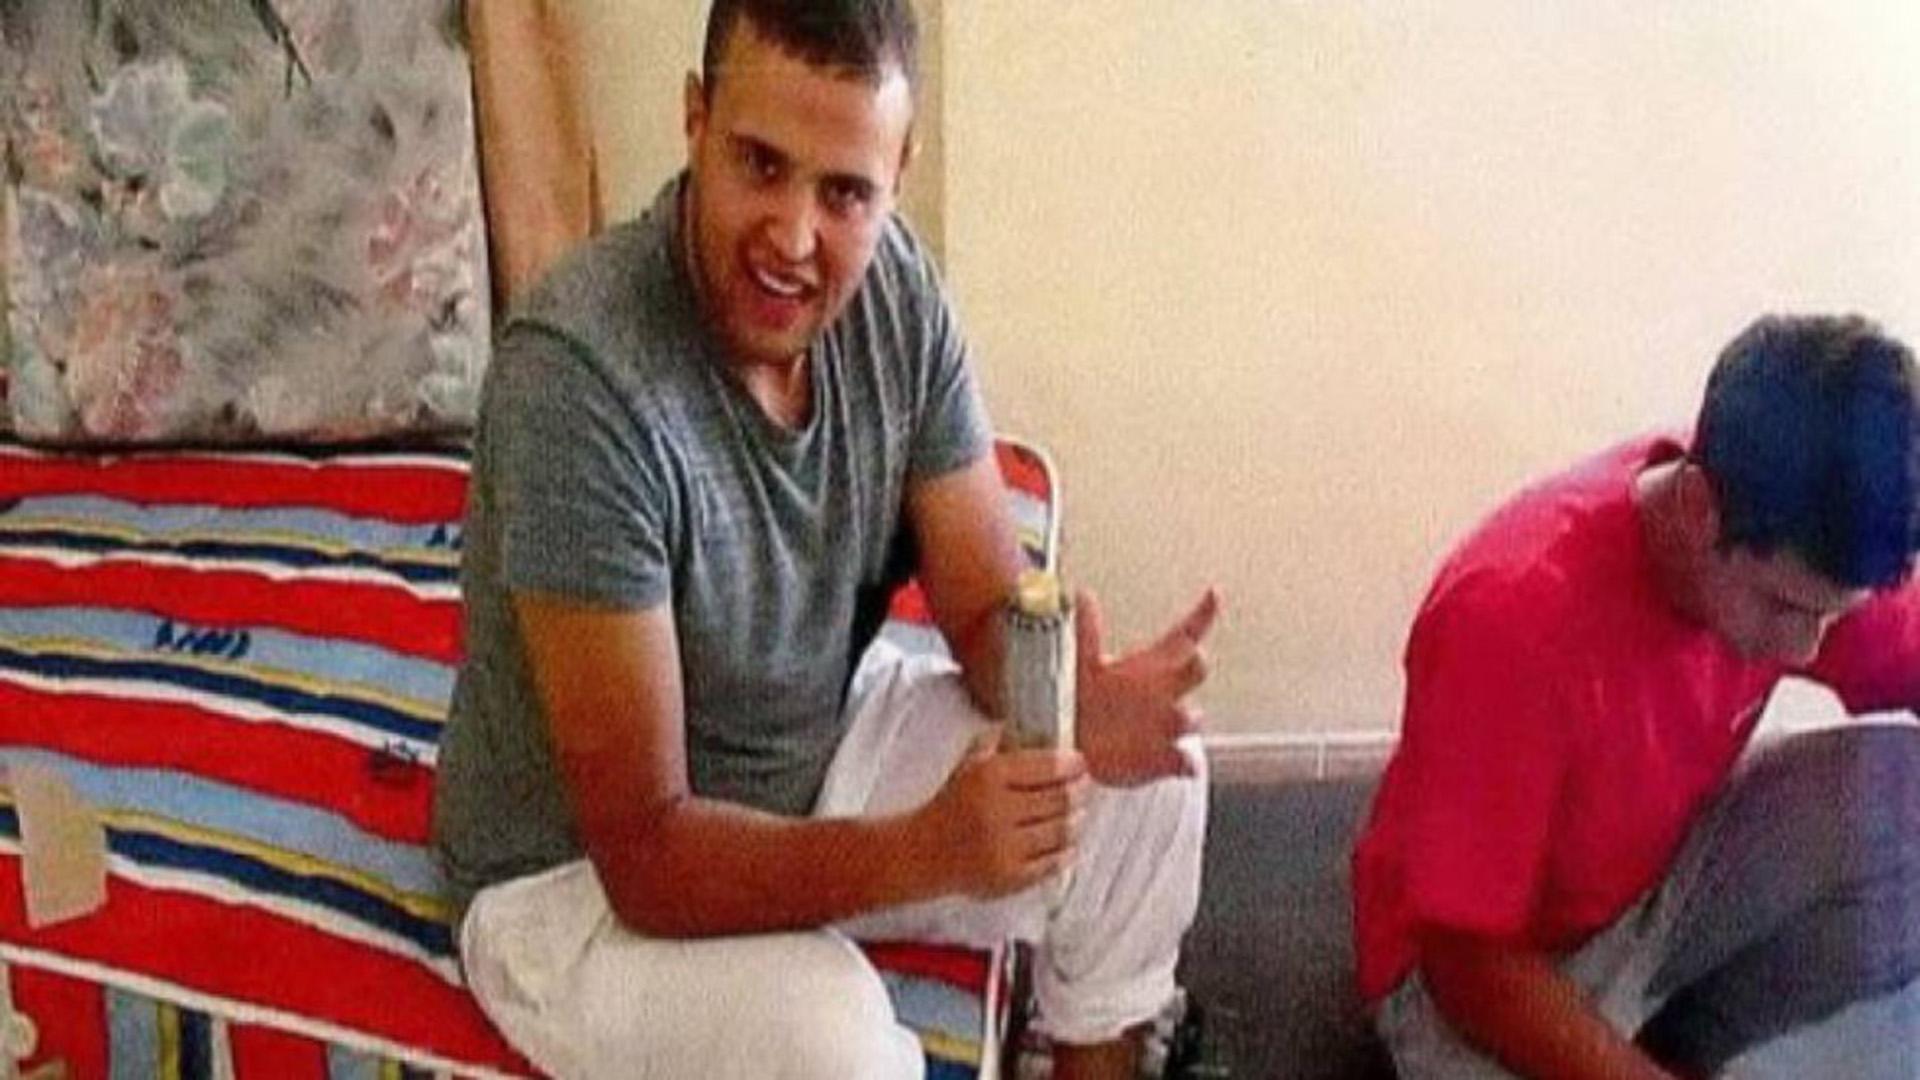 Mohamed Hichamy habla a la cámara mientras sostiene un explosivo. Fue abatido en Cambrils